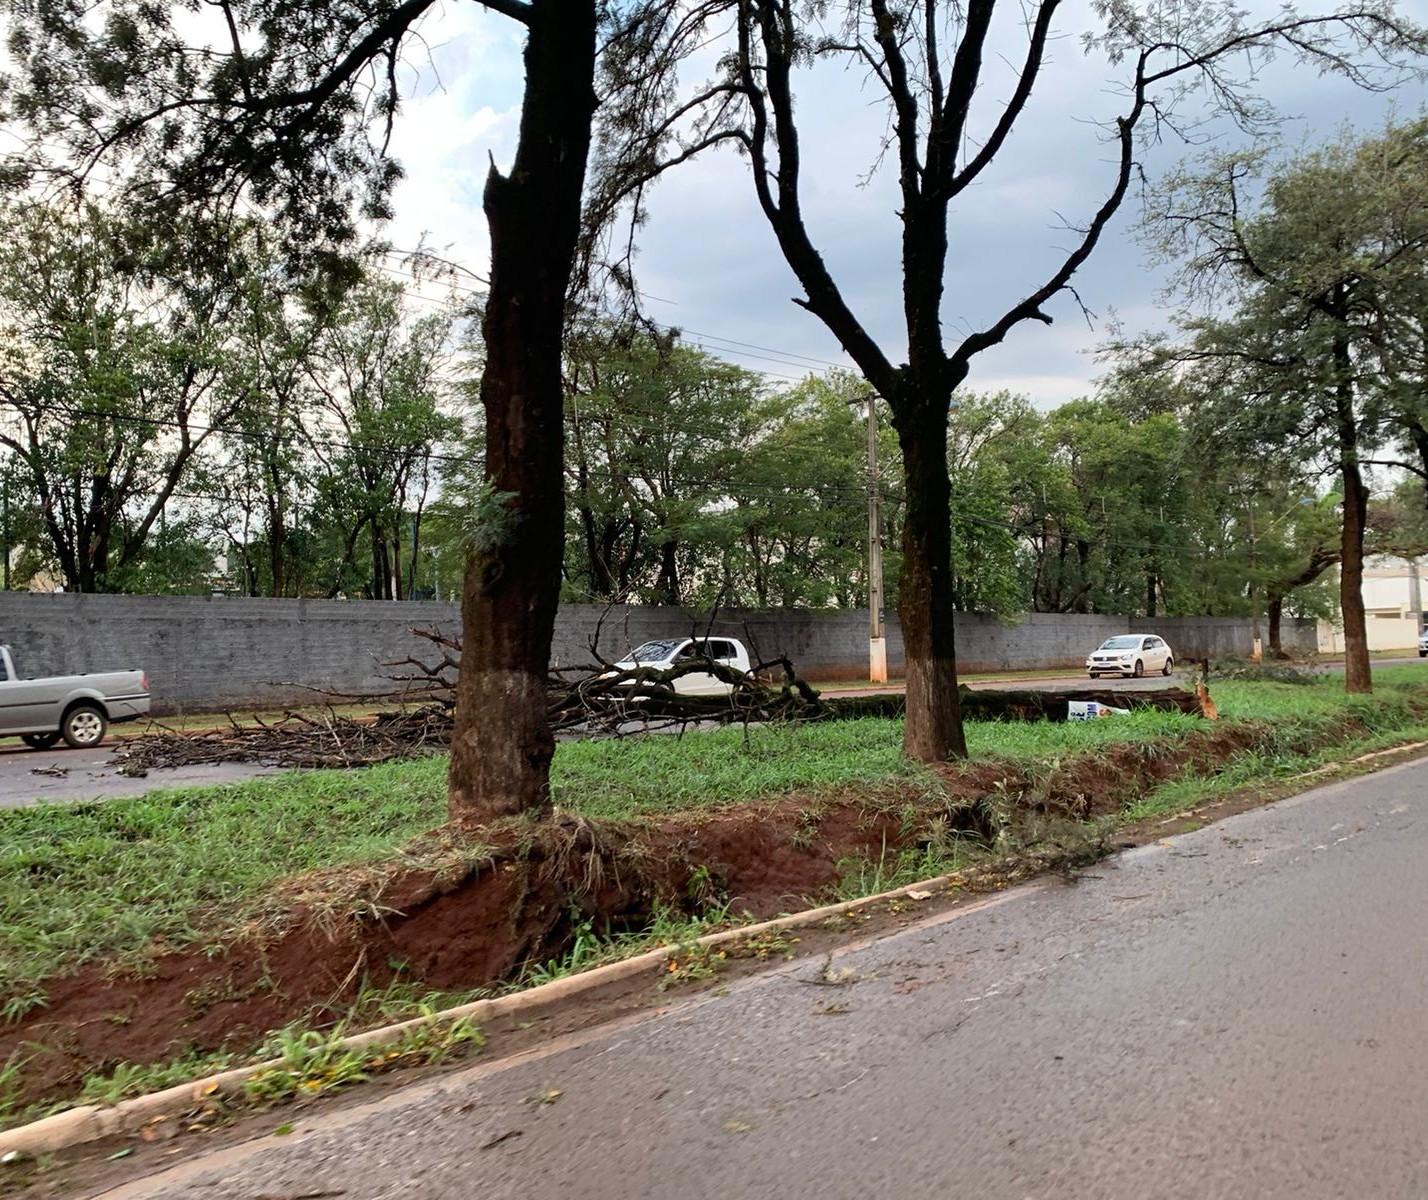 Número de árvores caídas se aproxima de 145 e deve aumentar